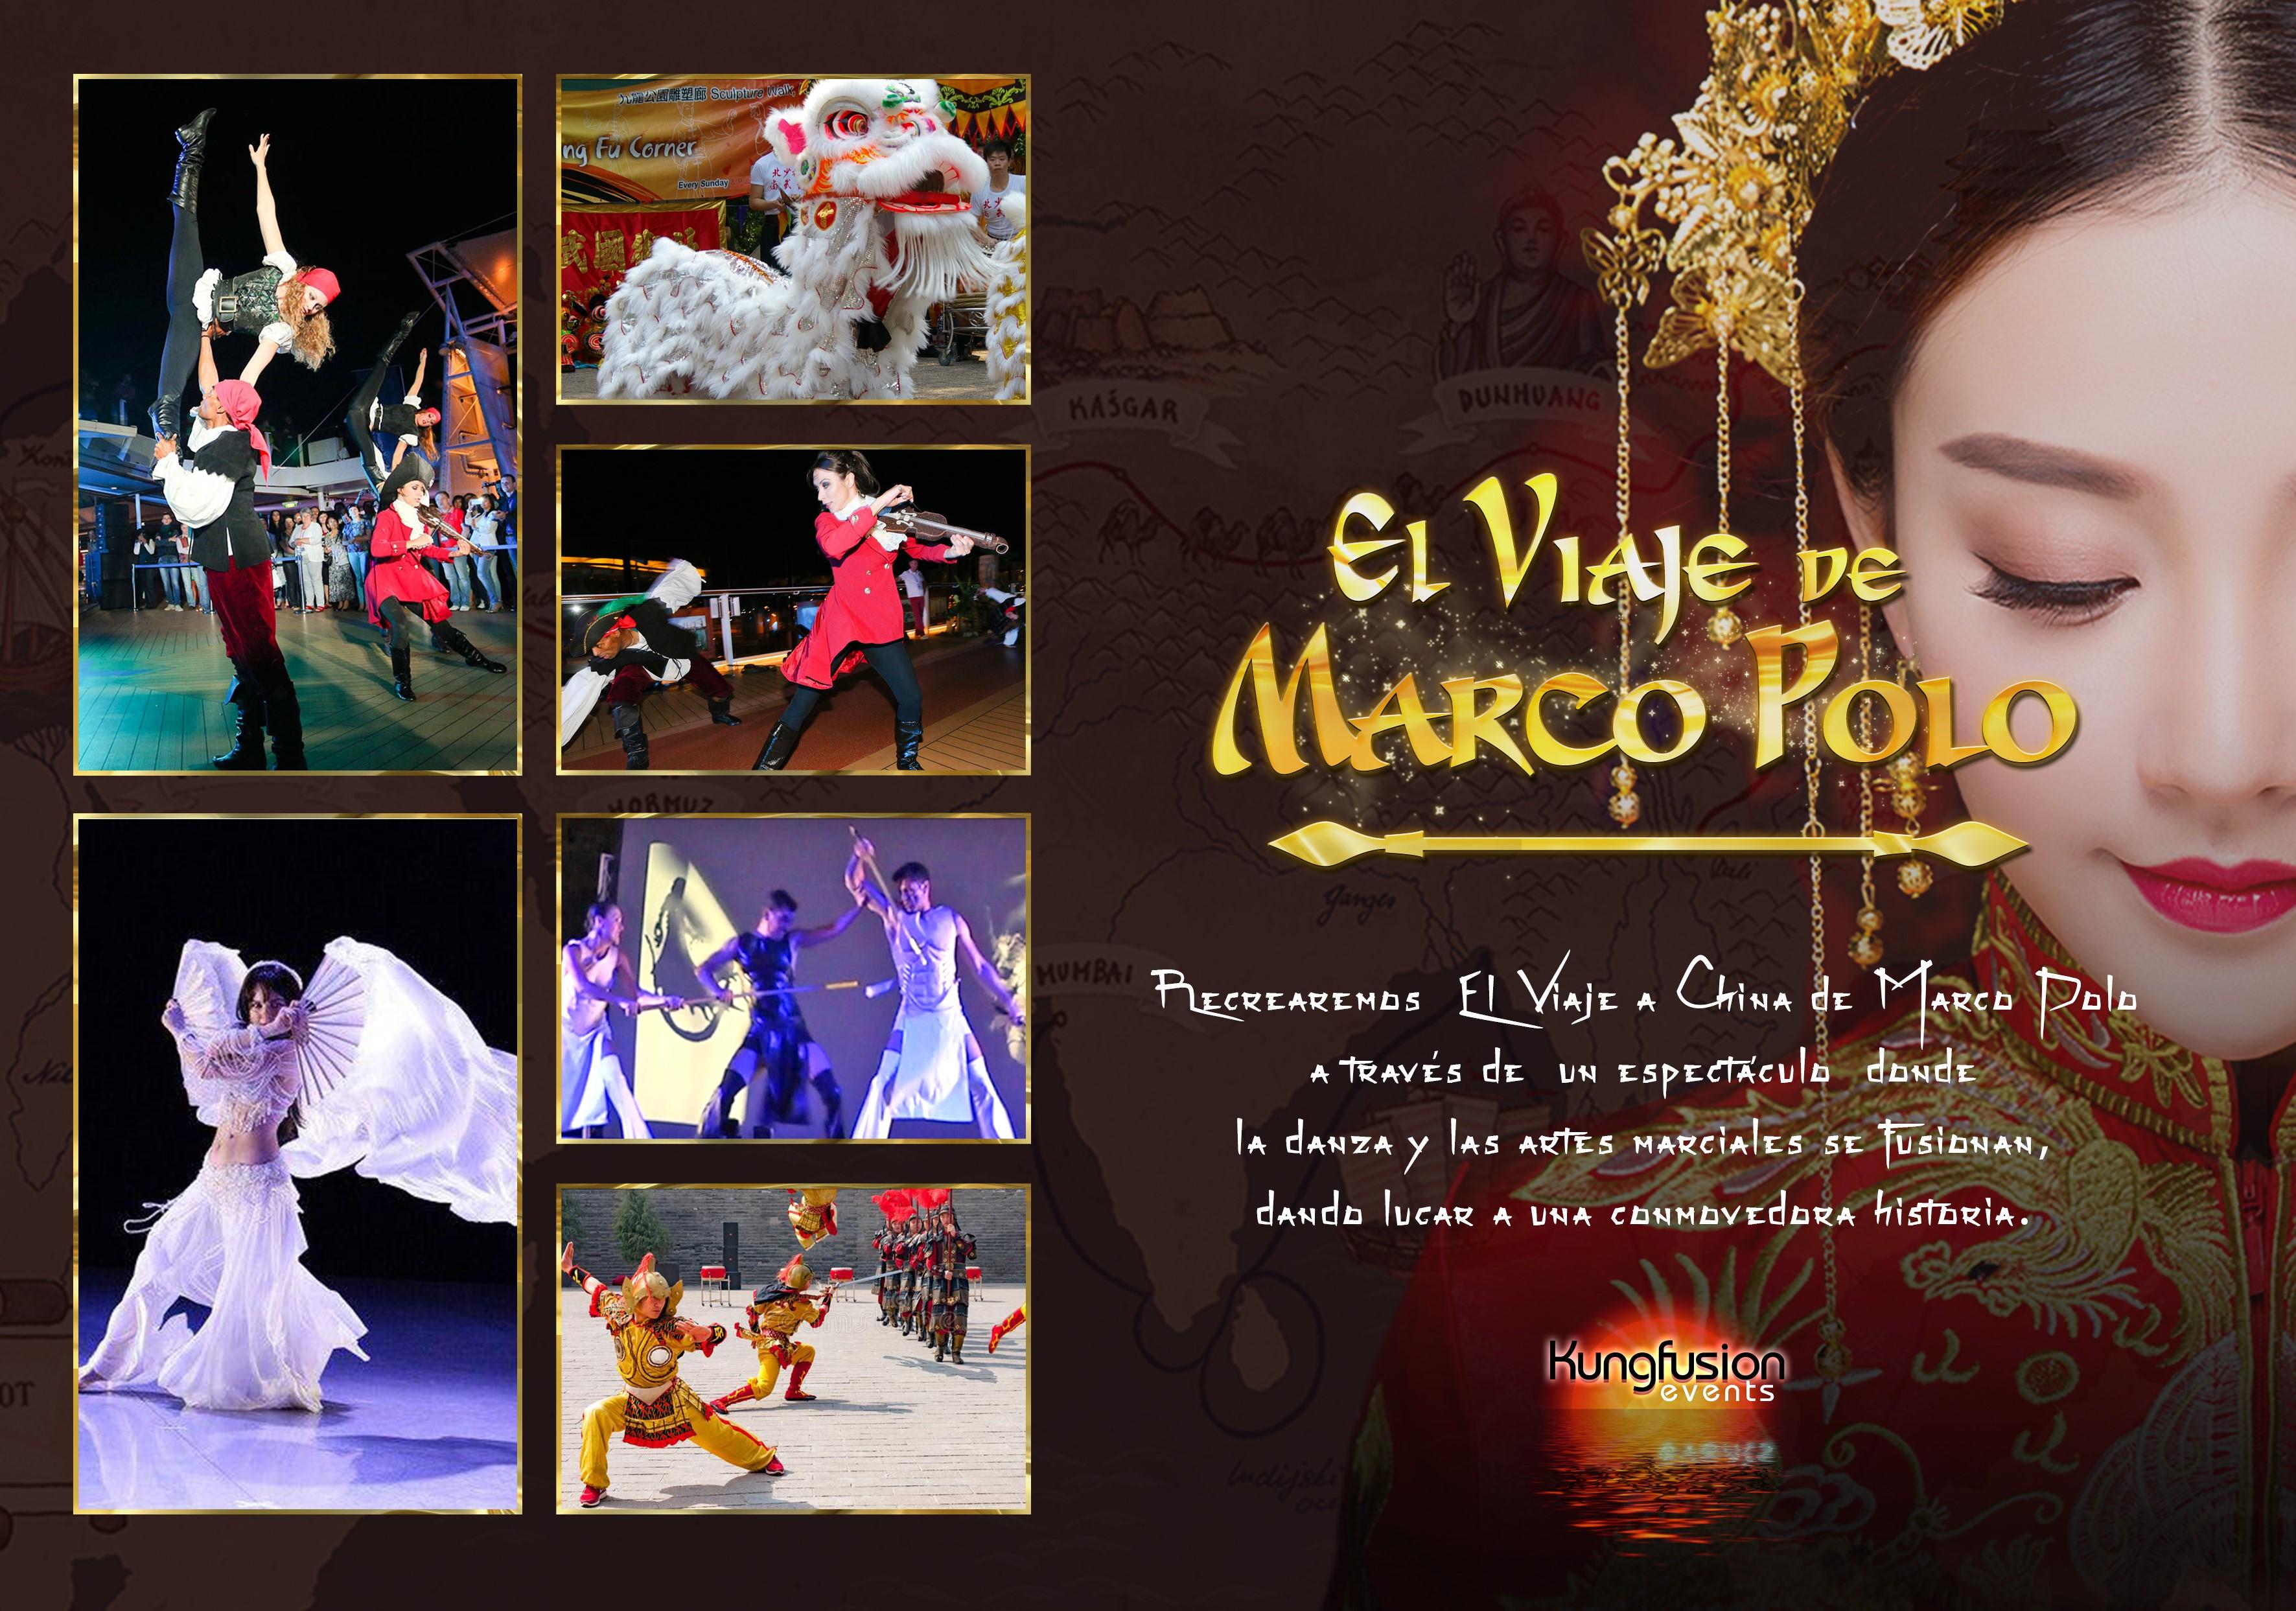 Danza y artes marciales: 'El viaje de Marco Polo'